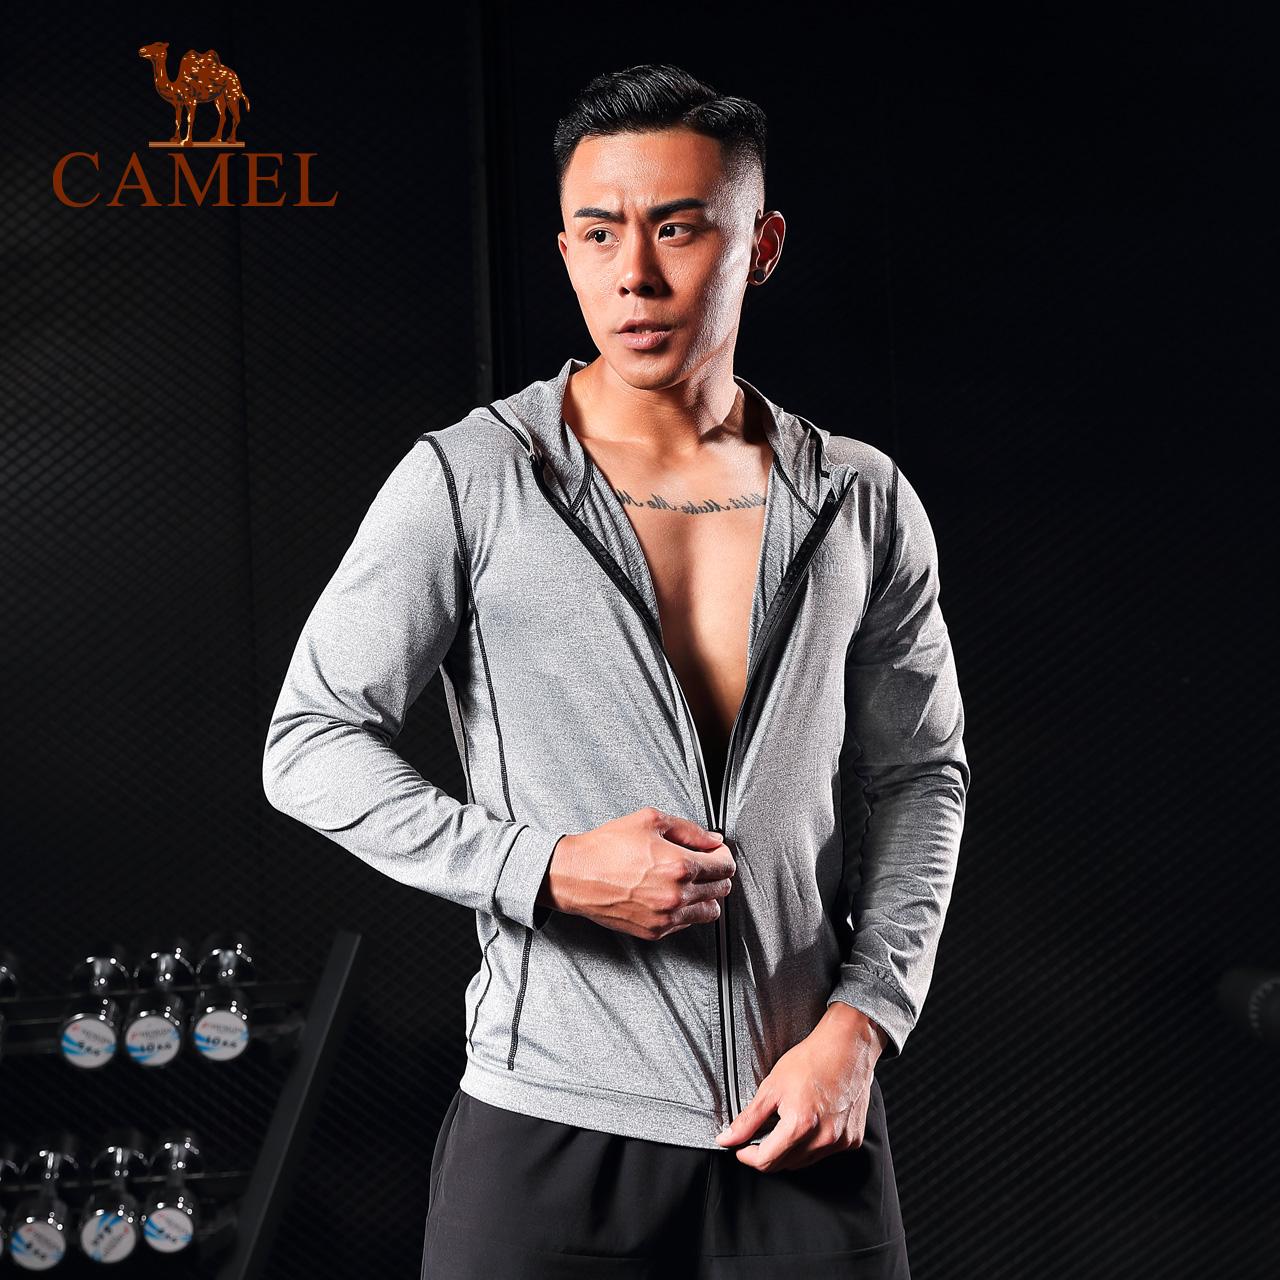 骆驼健身套装四件套速干篮球紧身衣跑步运动套装晨跑训练服健身房